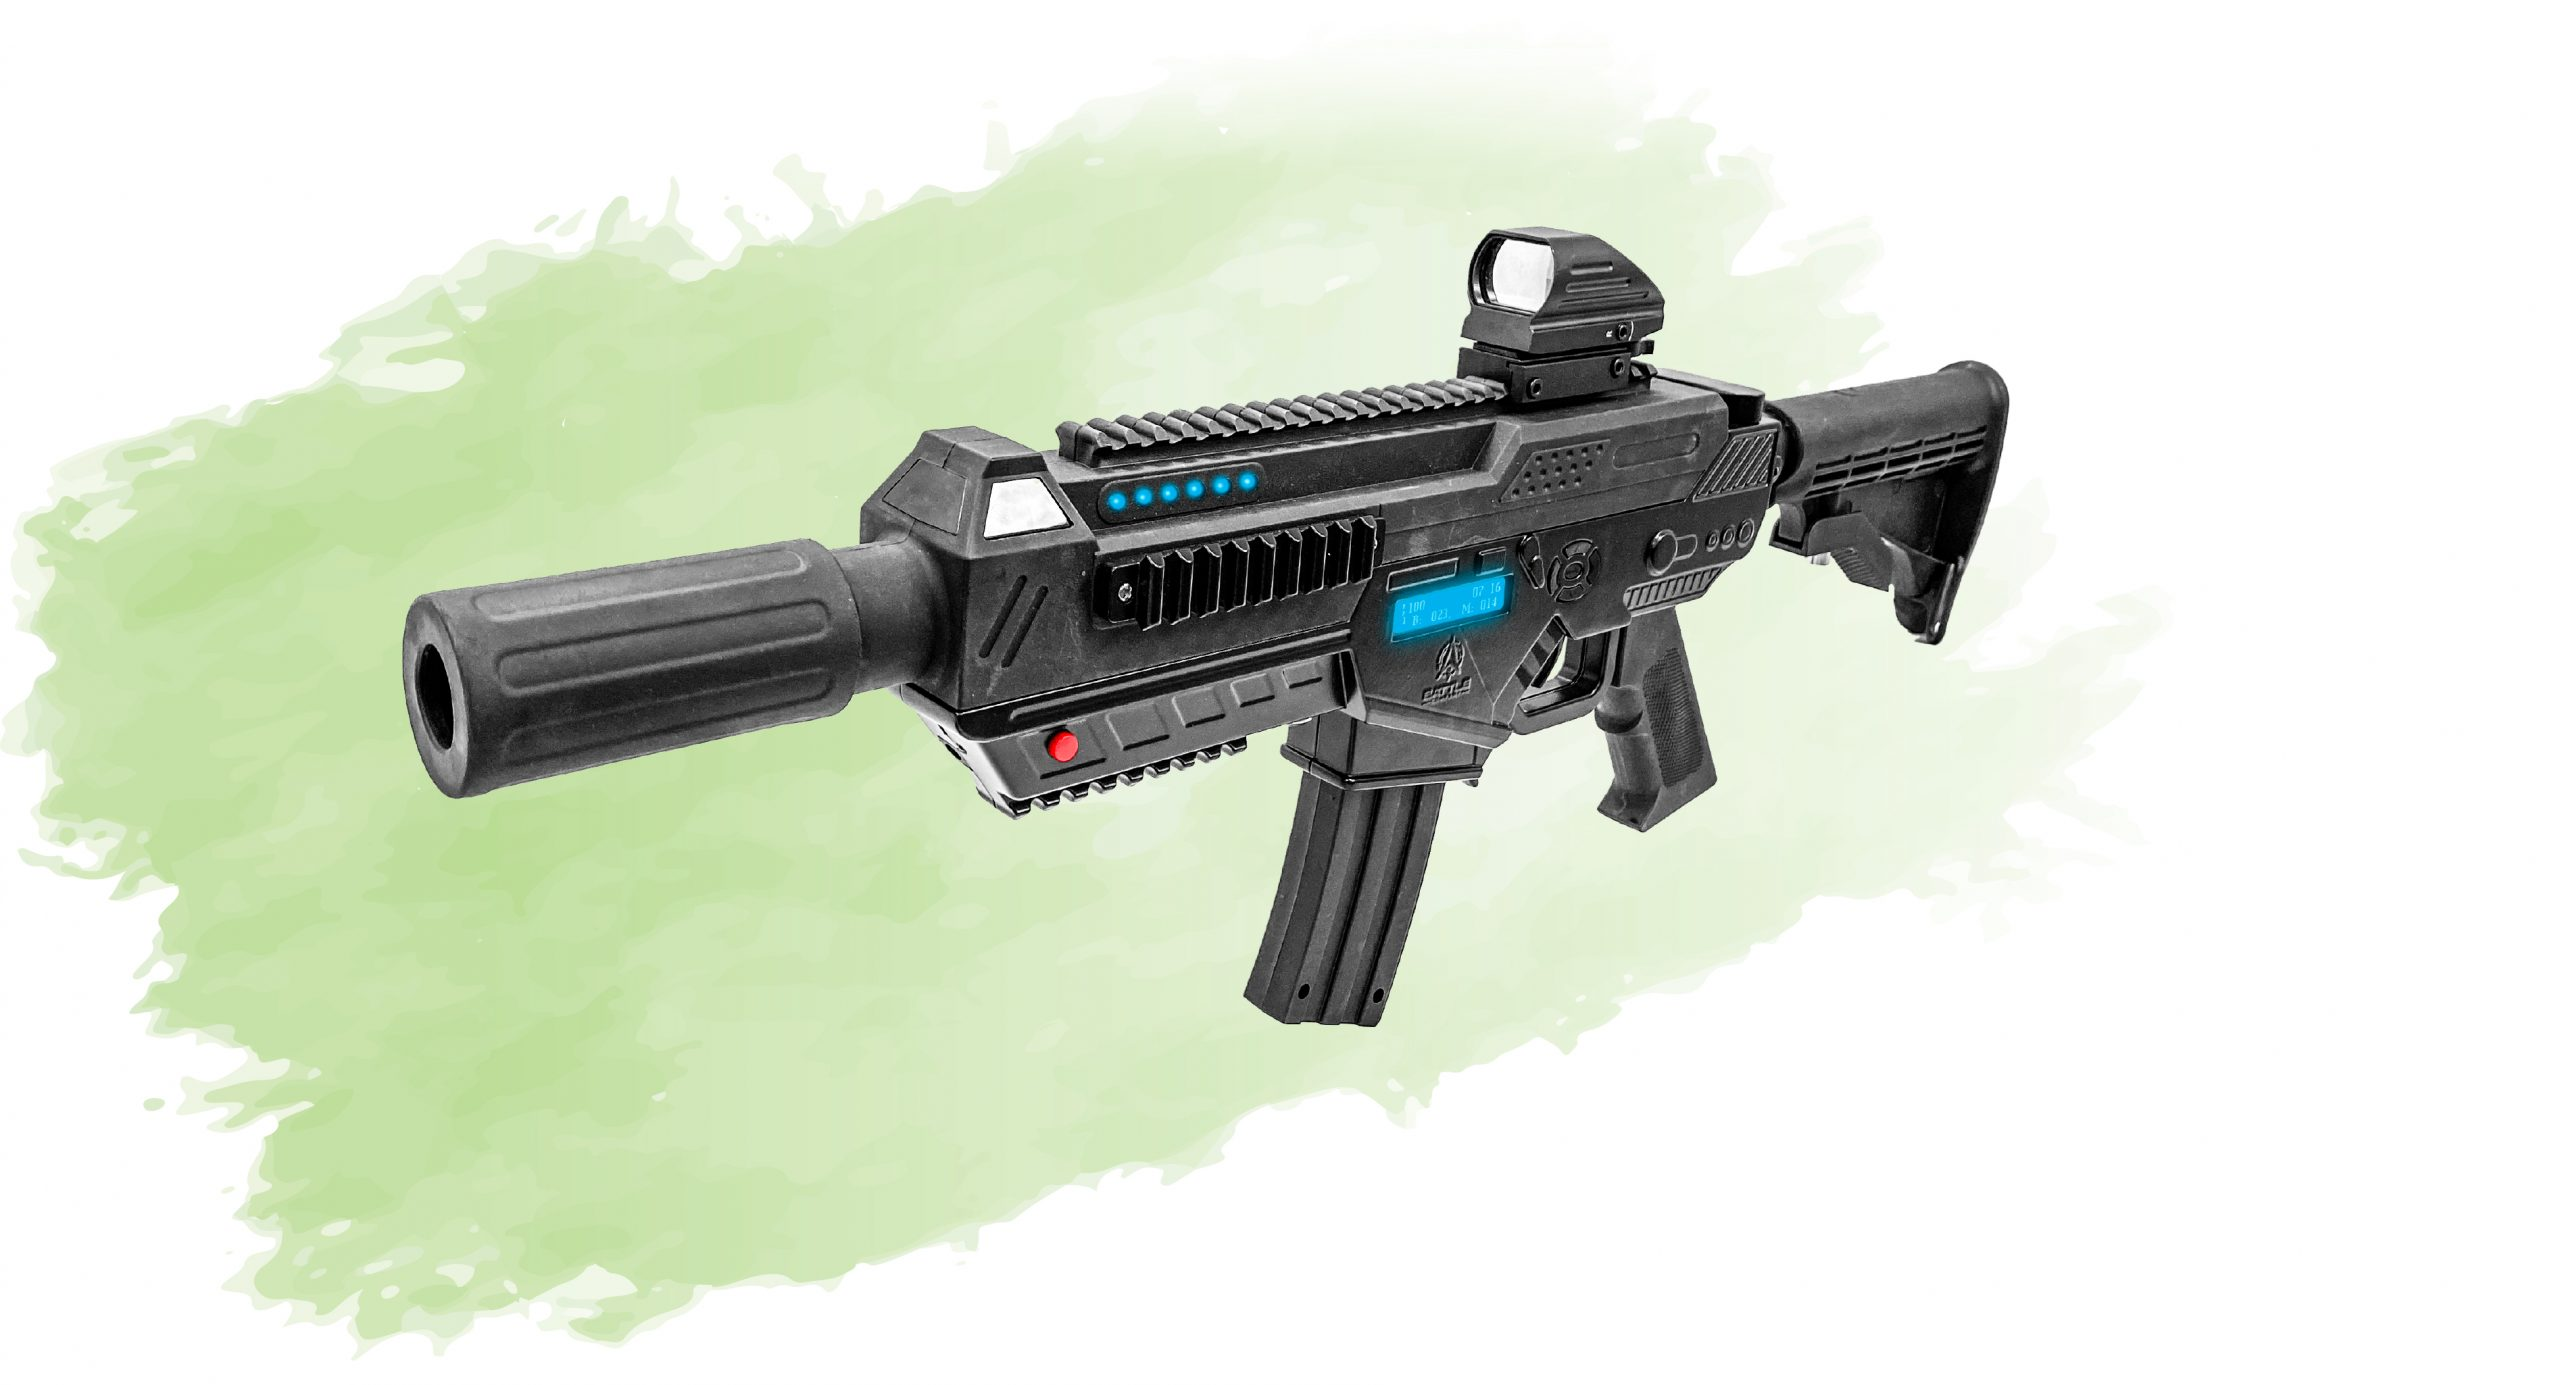 metal laser tag gun